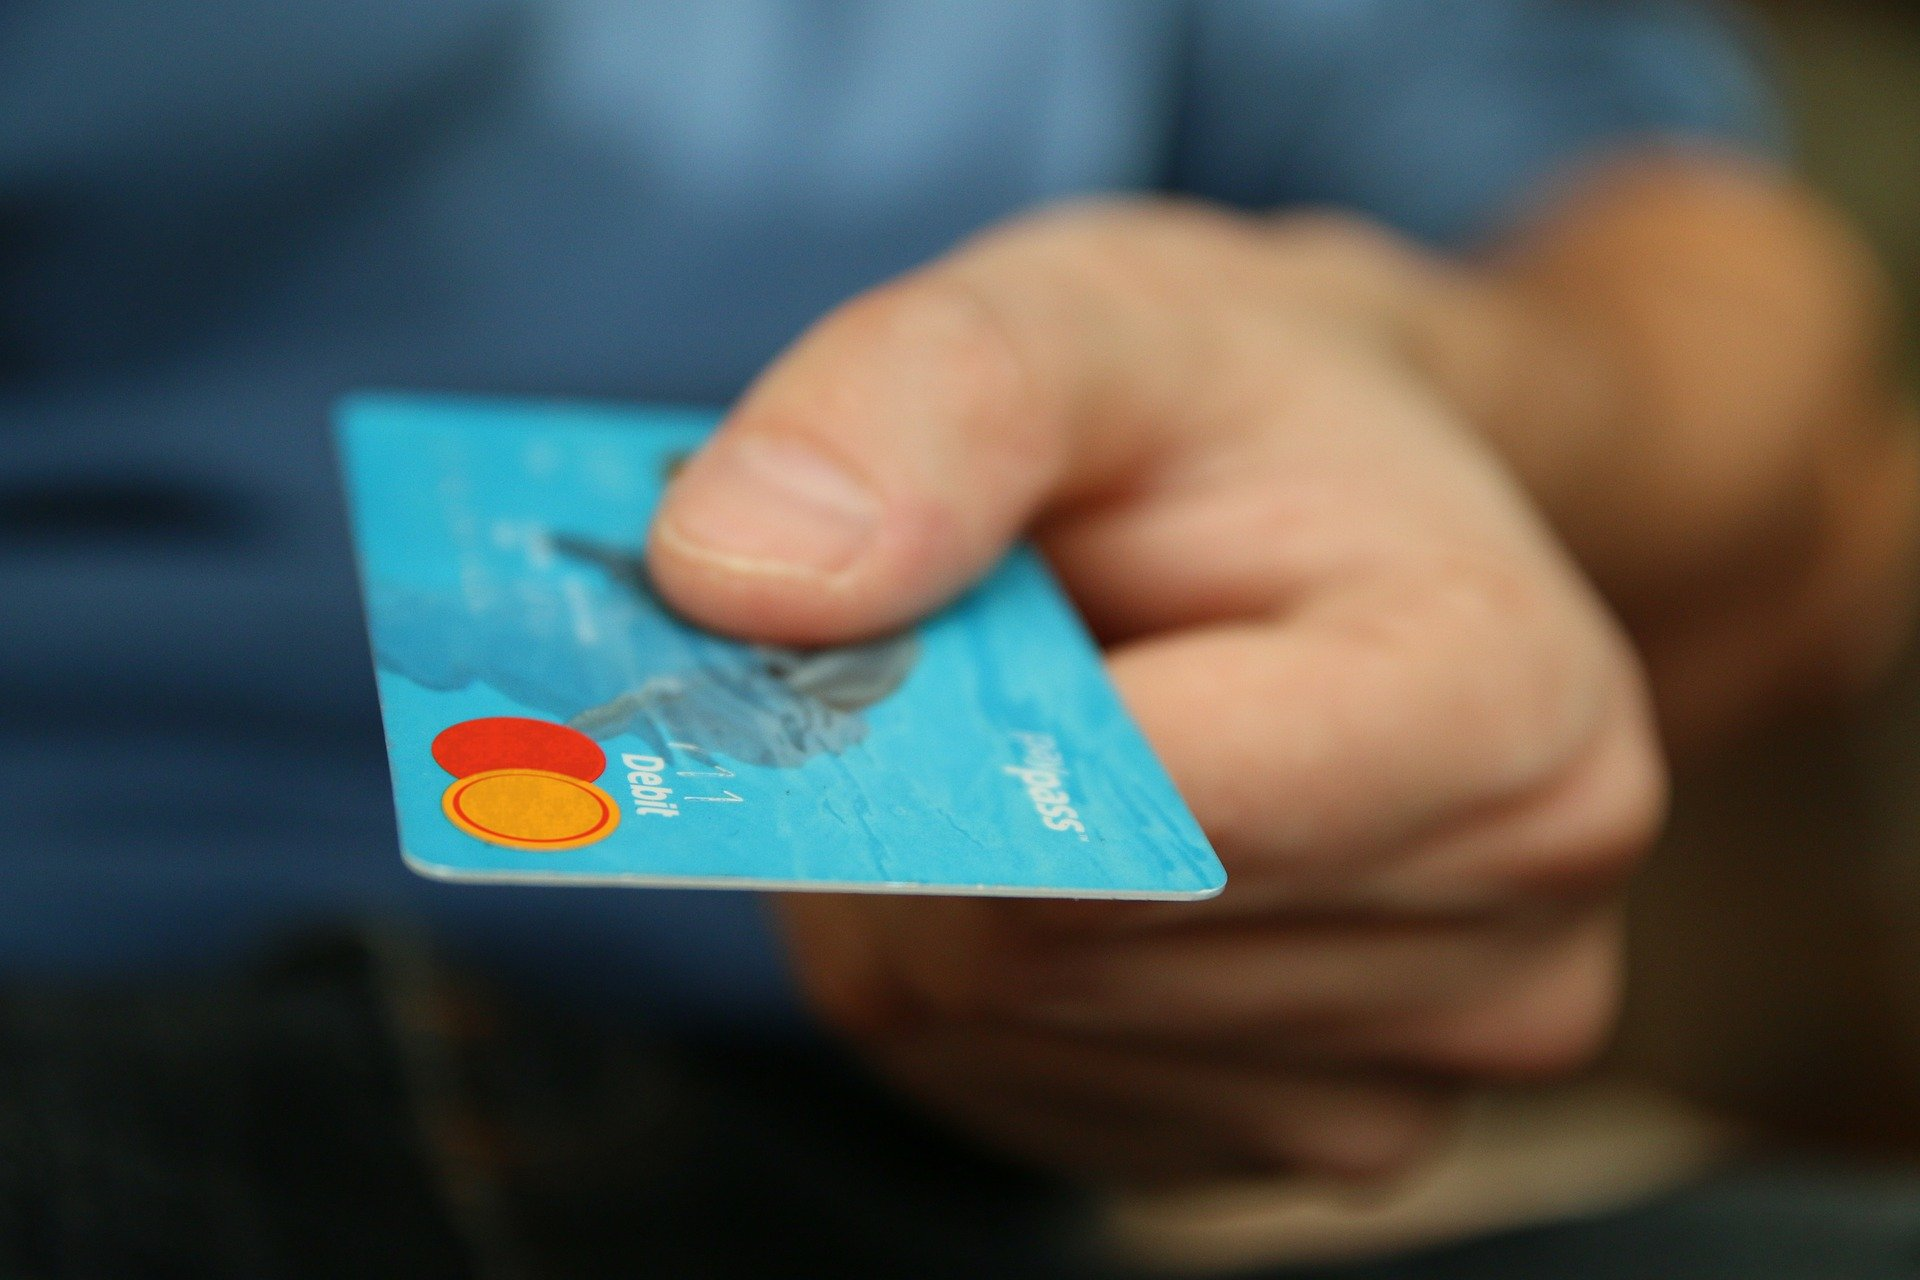 クレジットカード払いのイメージ